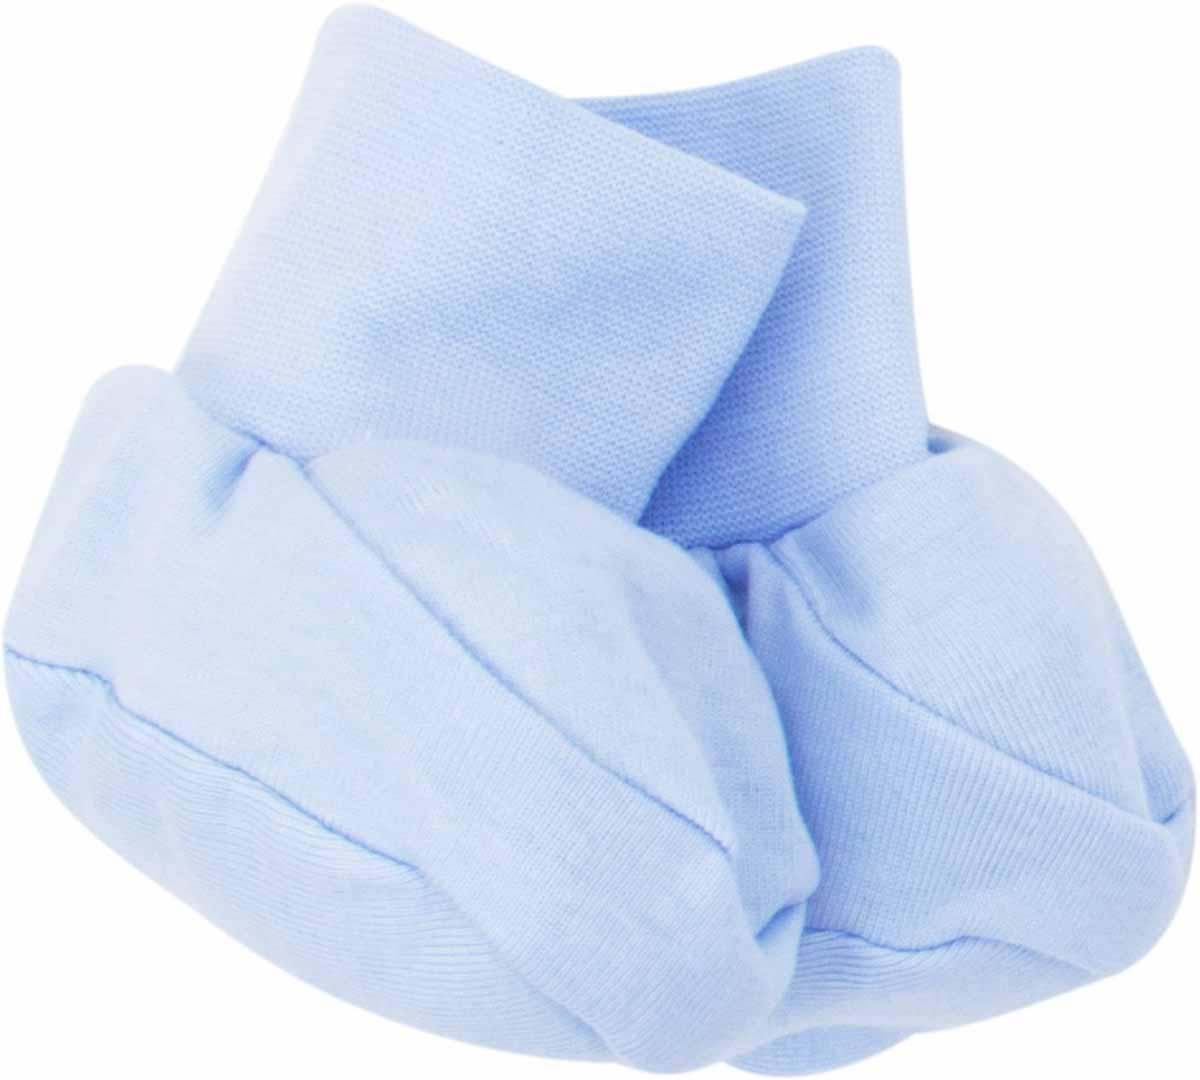 Пинетки для мальчиков Axiome De Mode, цвет: голубой. 16-8105. Размер 62, 3мес